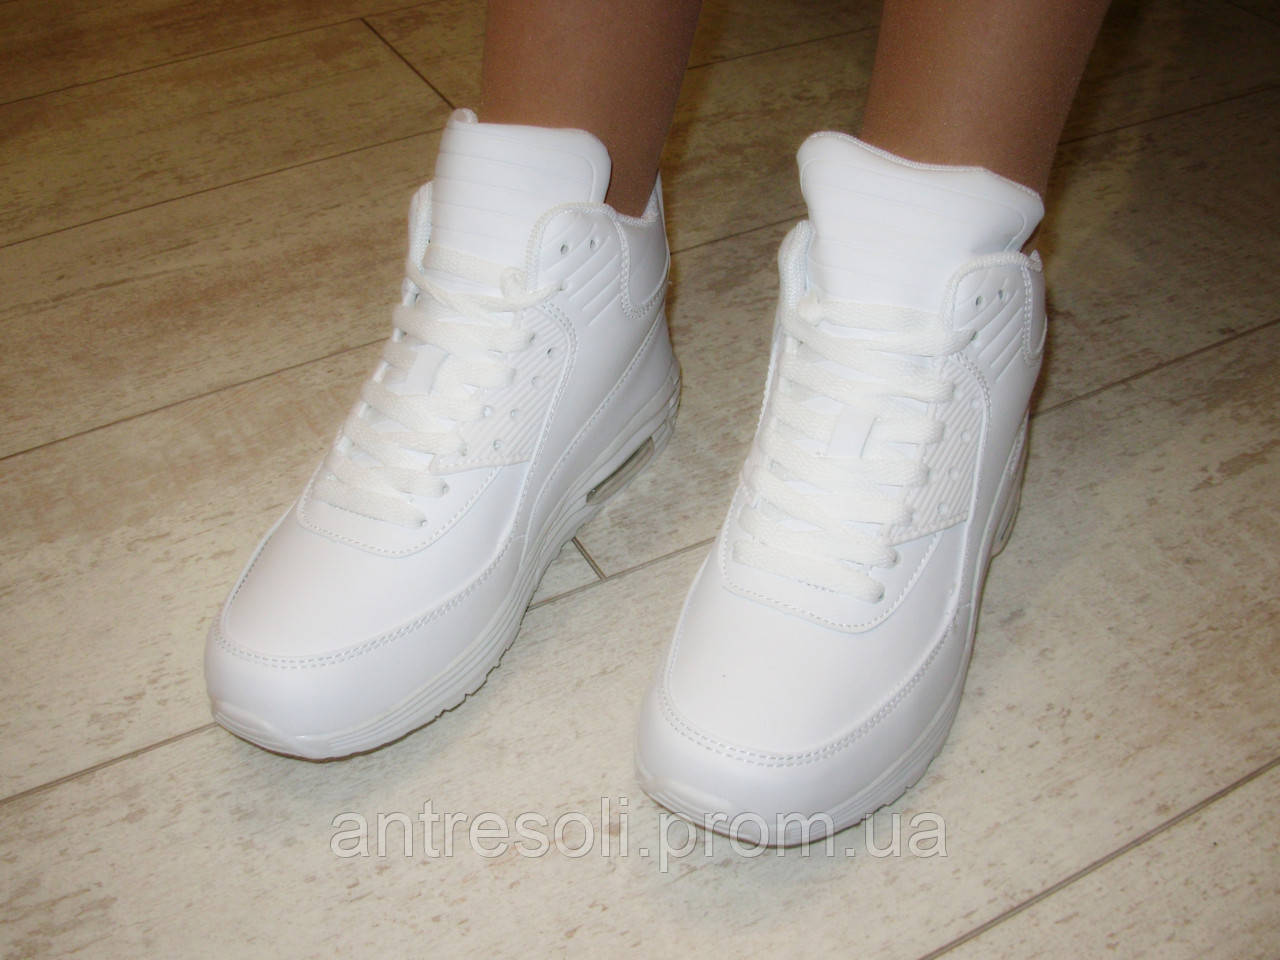 Кроссовки белые высокие Т691 р 36